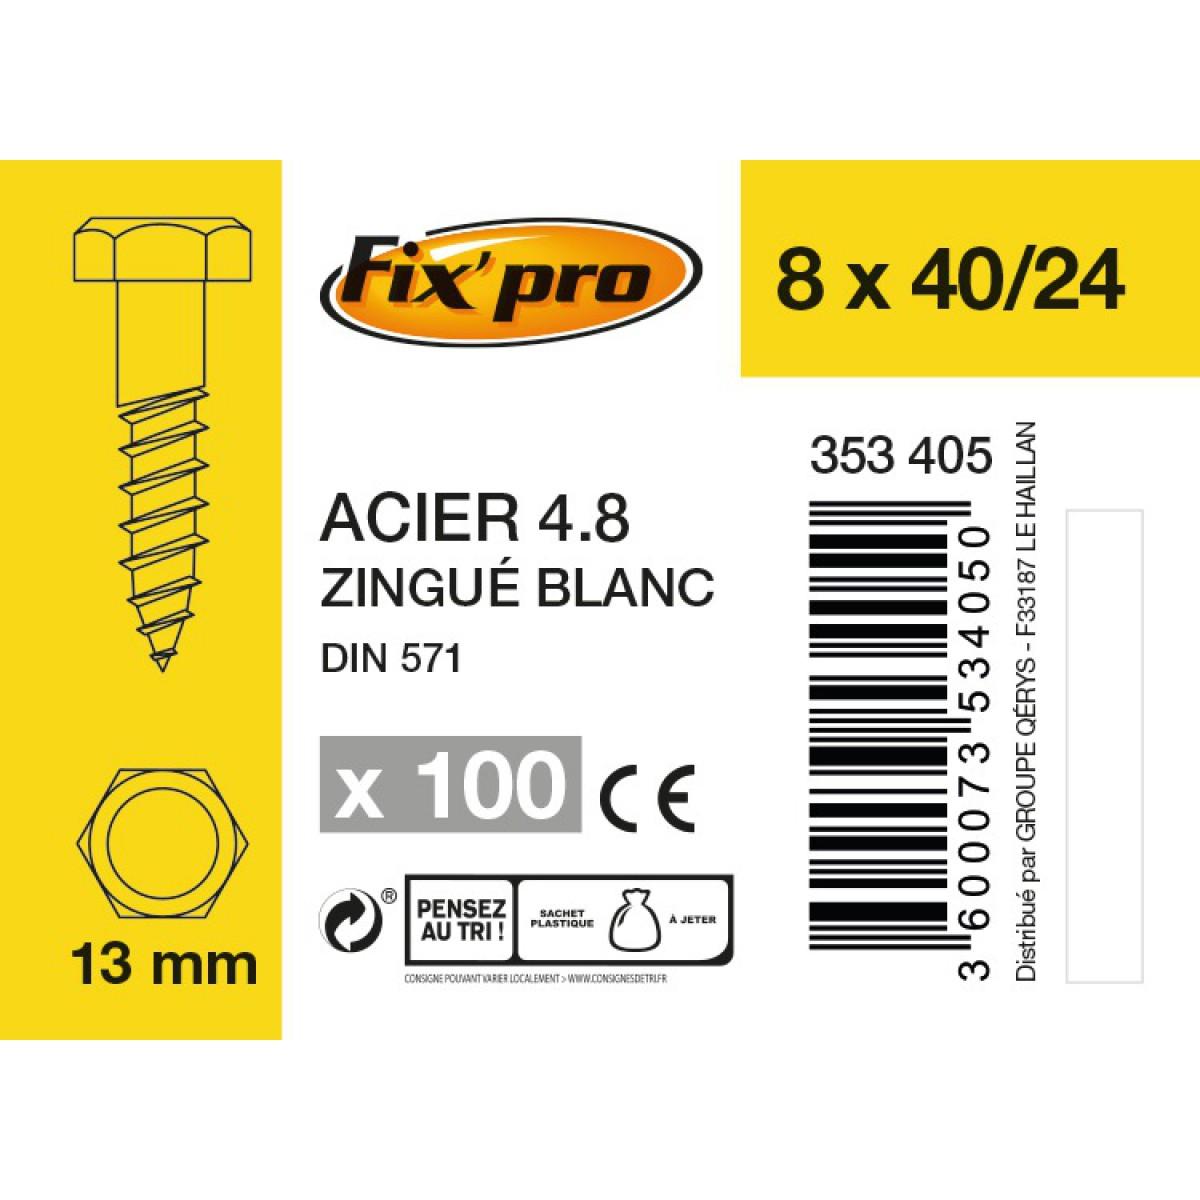 Tirefond tête hexagonale acier zingué - 8x40/24 - 100pces - Fixpro